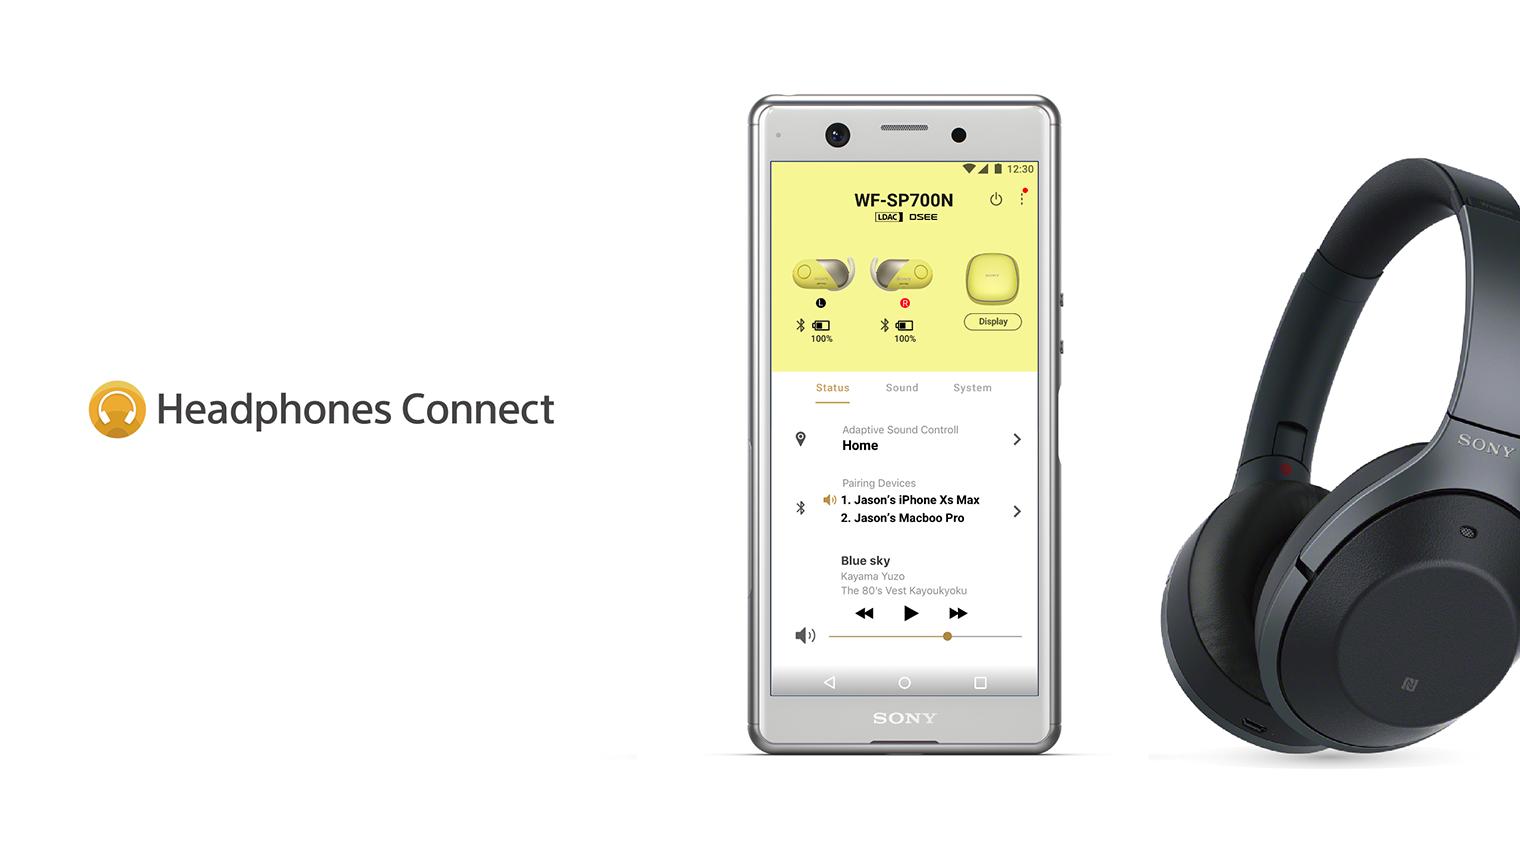 ヘッドフォンと、「Headphones Connect」のアプリがスマートフォンに表示されている写真